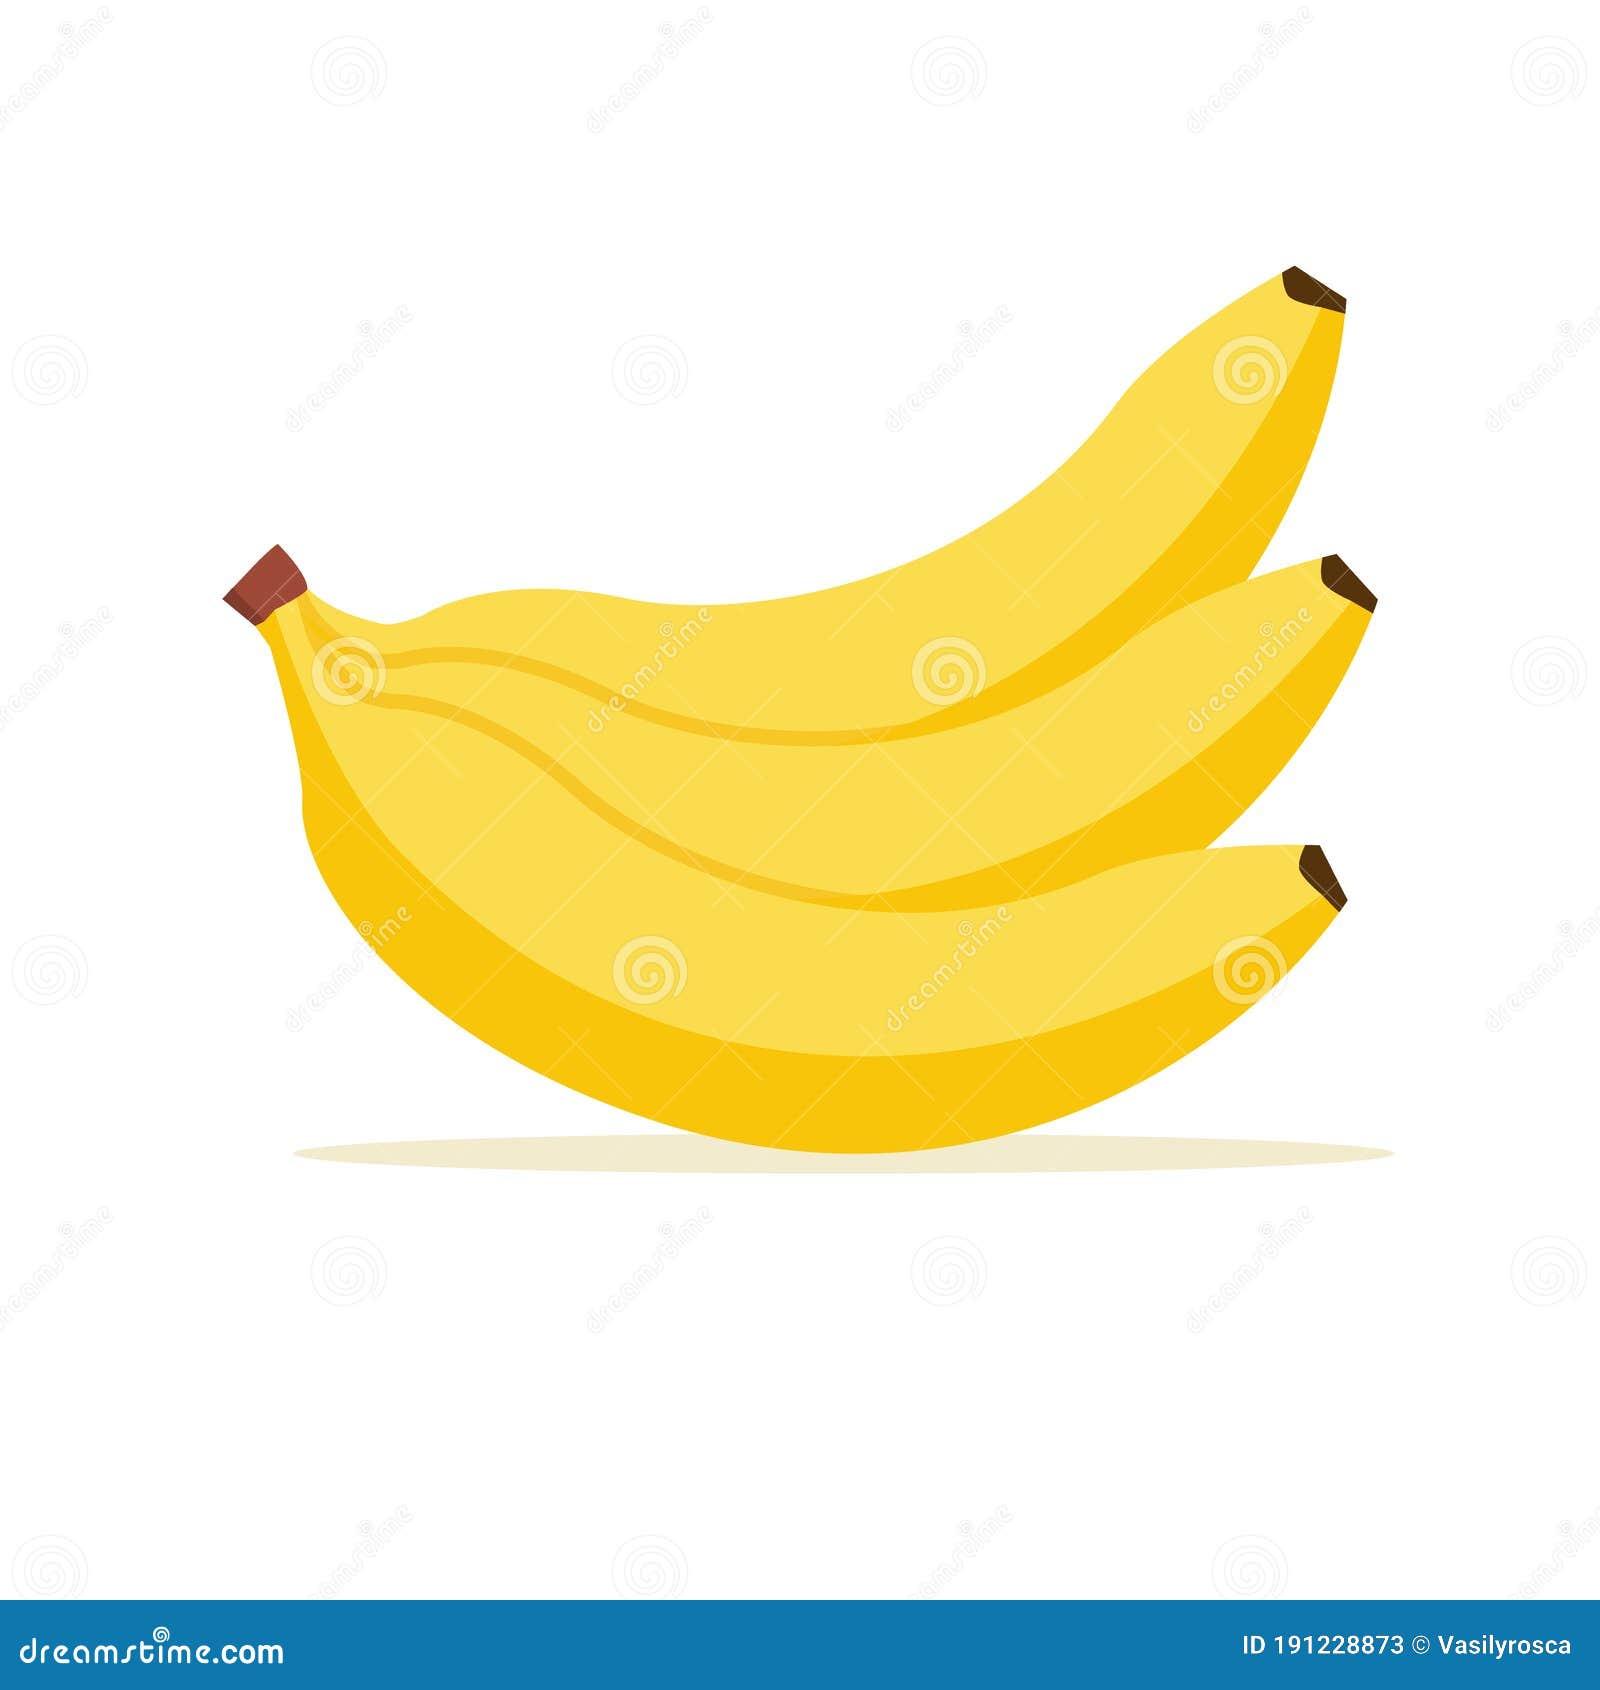 Banana Png Banana Clipart - Cartoon Banana, Cliparts & Cartoons - Jing.fm